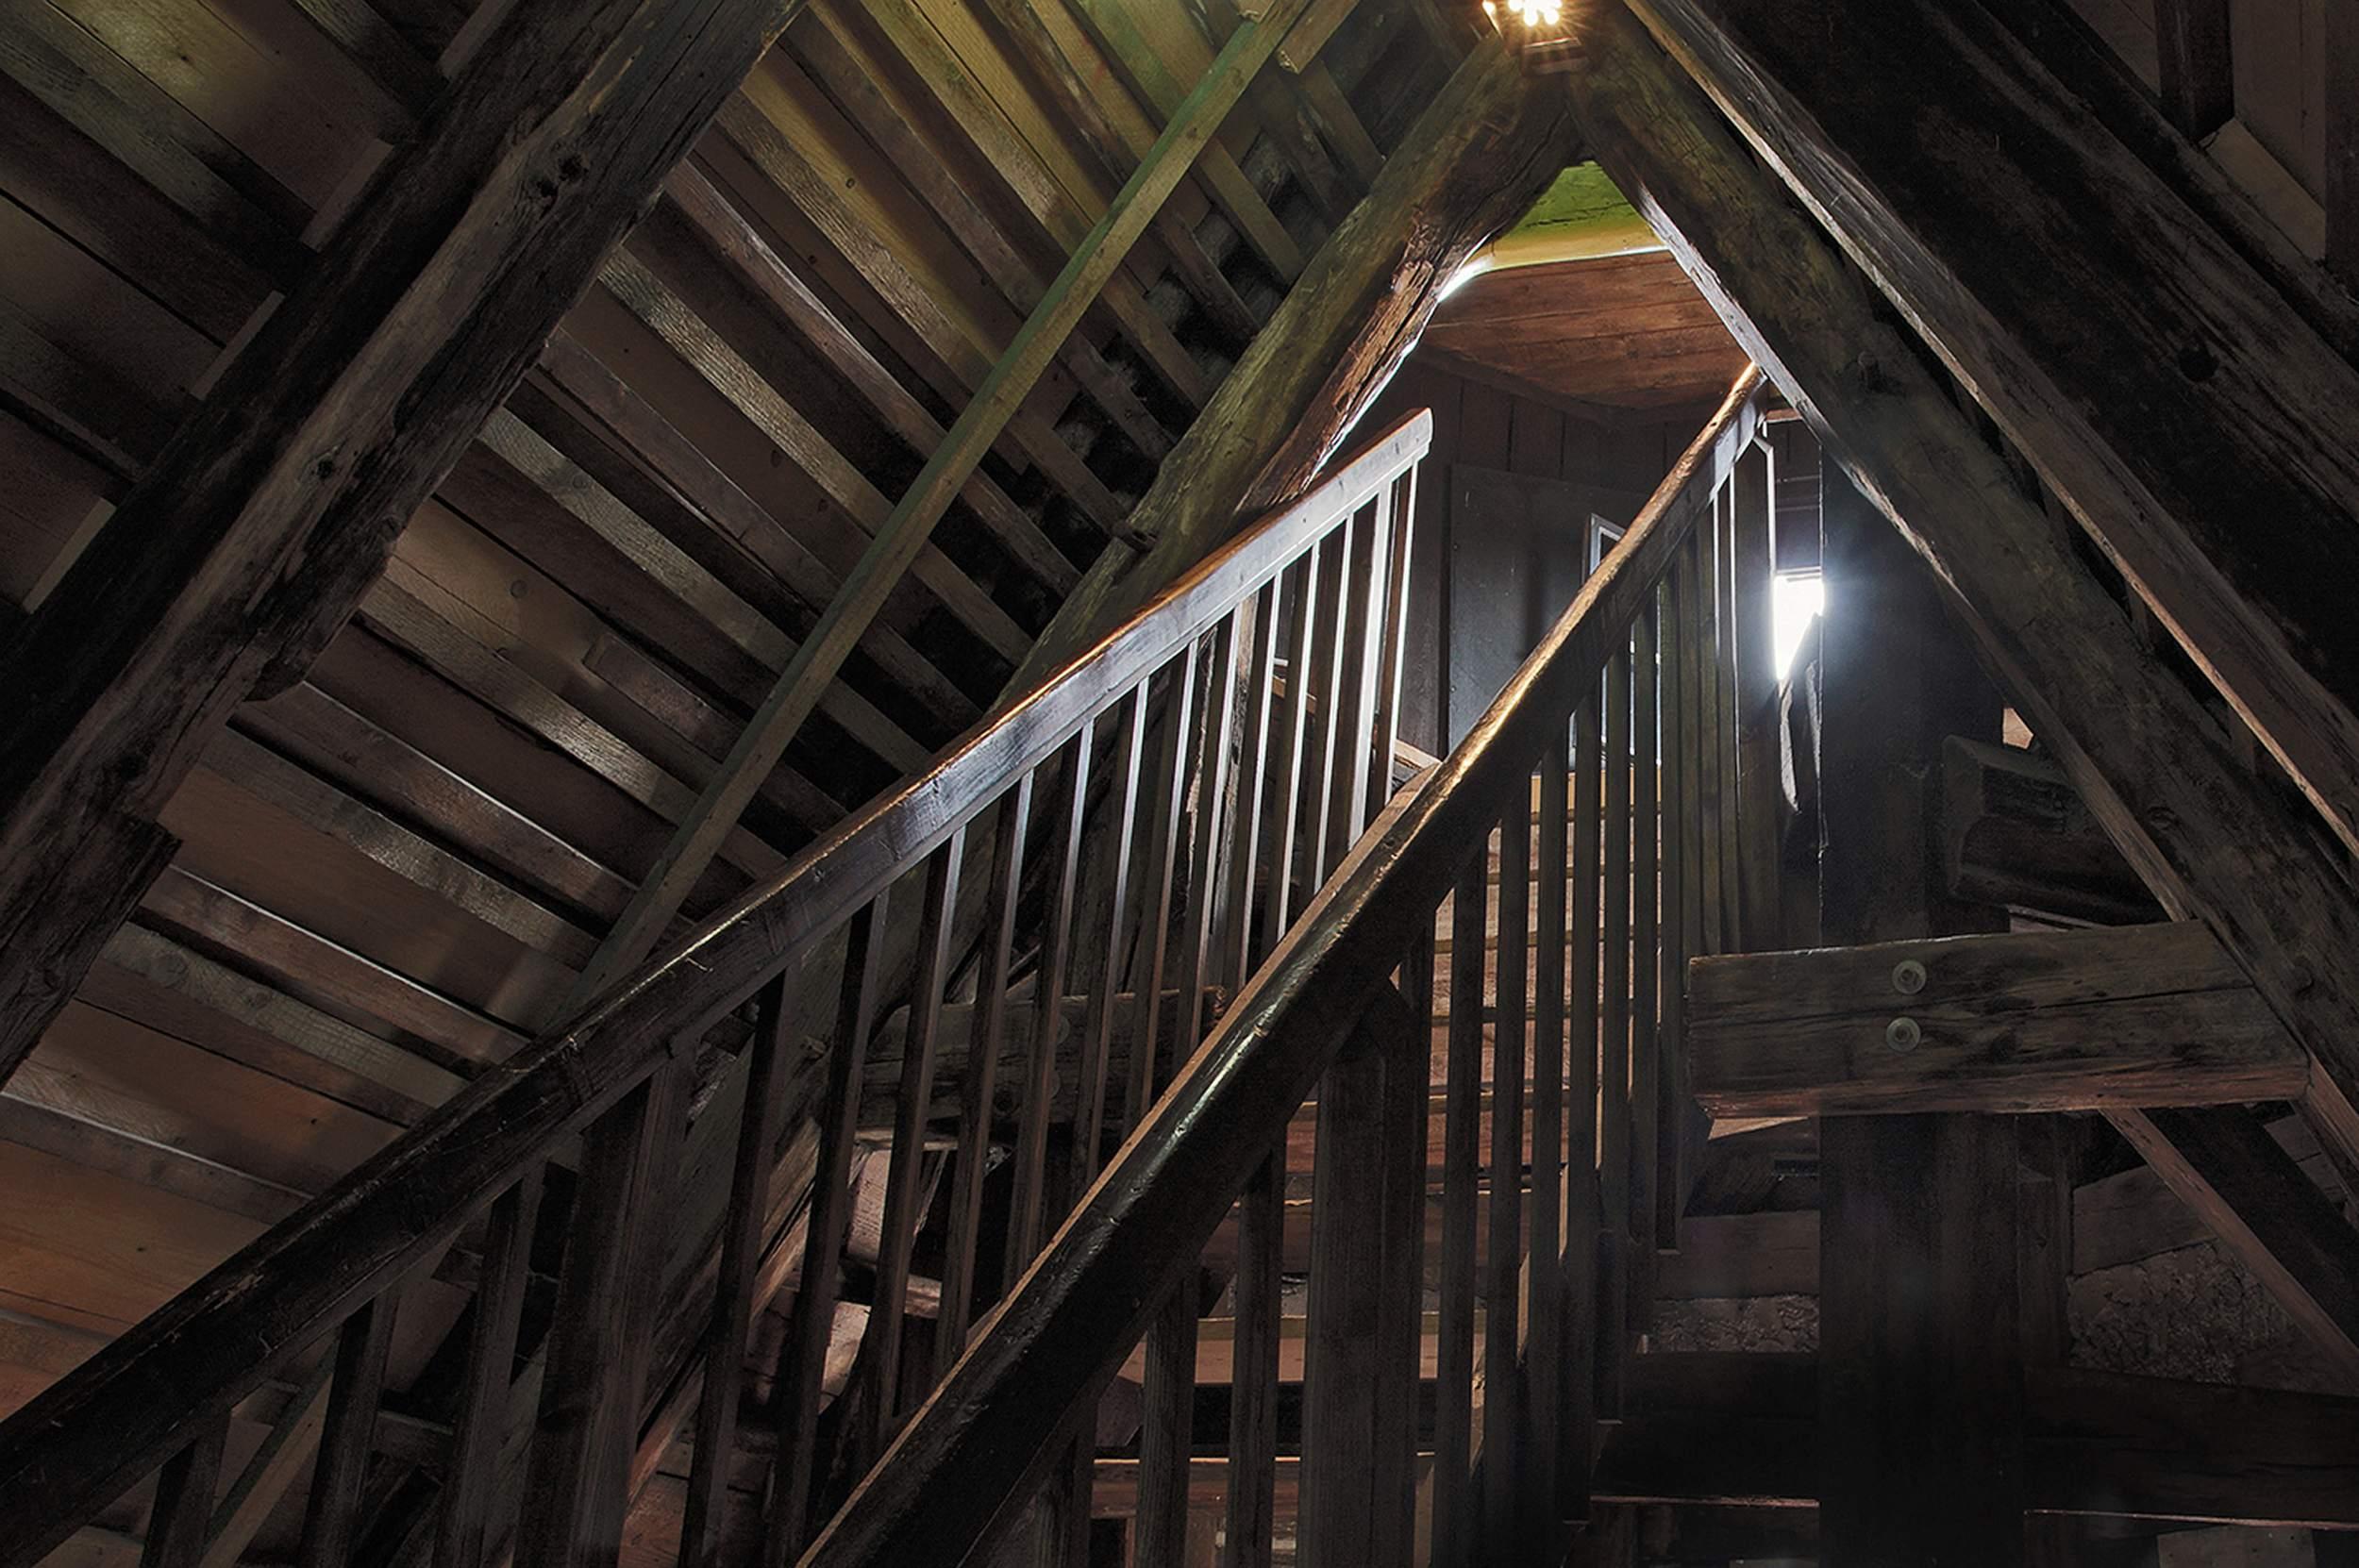 Duderstadt - Das Duderstädter Rathaus - Der Rundgang führt bis hoch in den Turm über die Dächer der Stadt